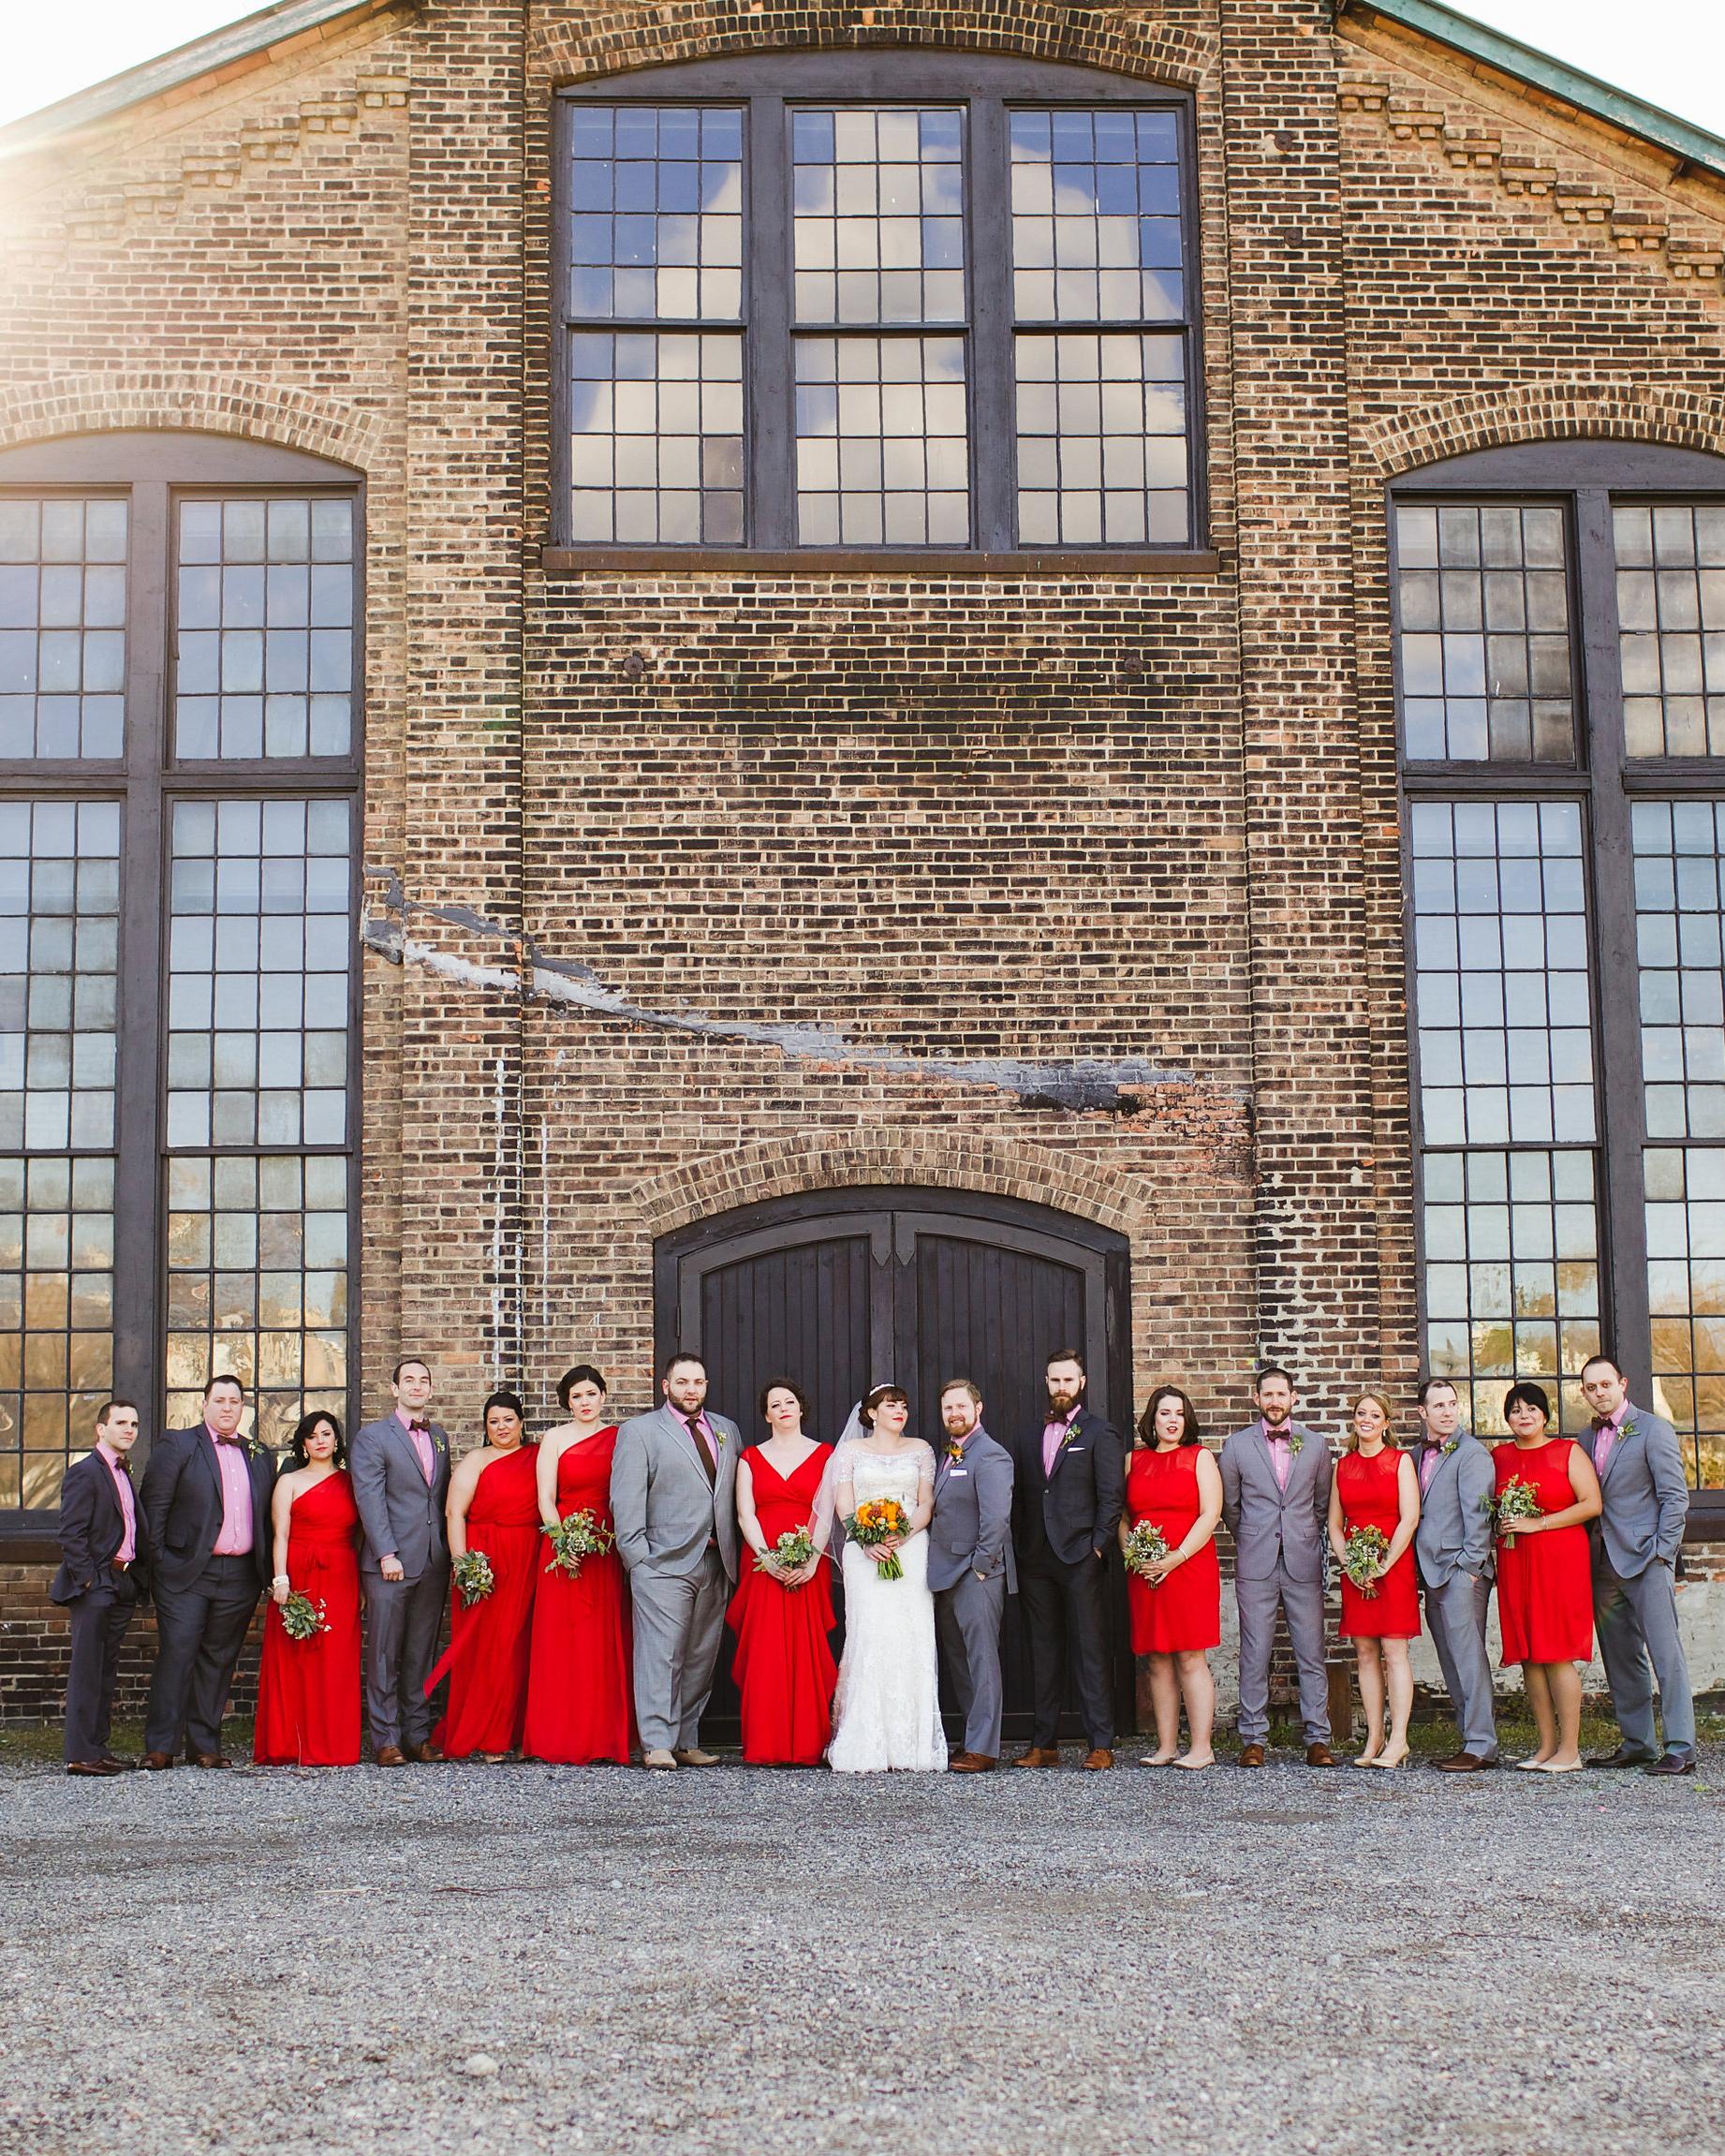 lauren-jake-wedding-bridesmaids-6624-s111838-0315.jpg